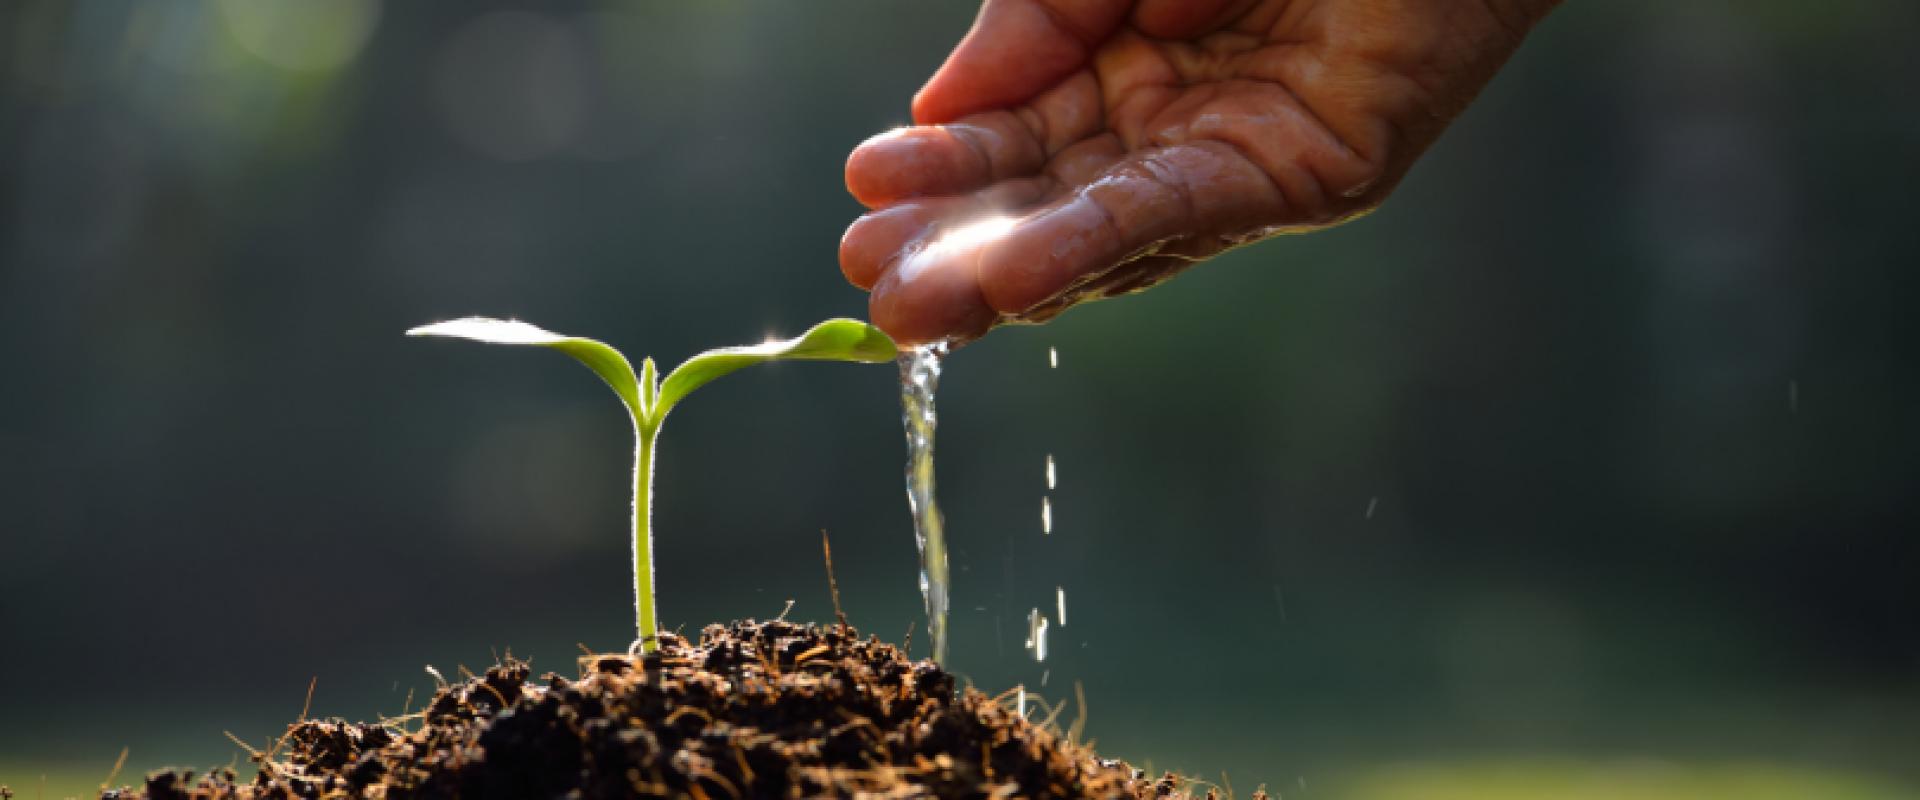 5 vantagens do plantio orgânico para o meio ambiente